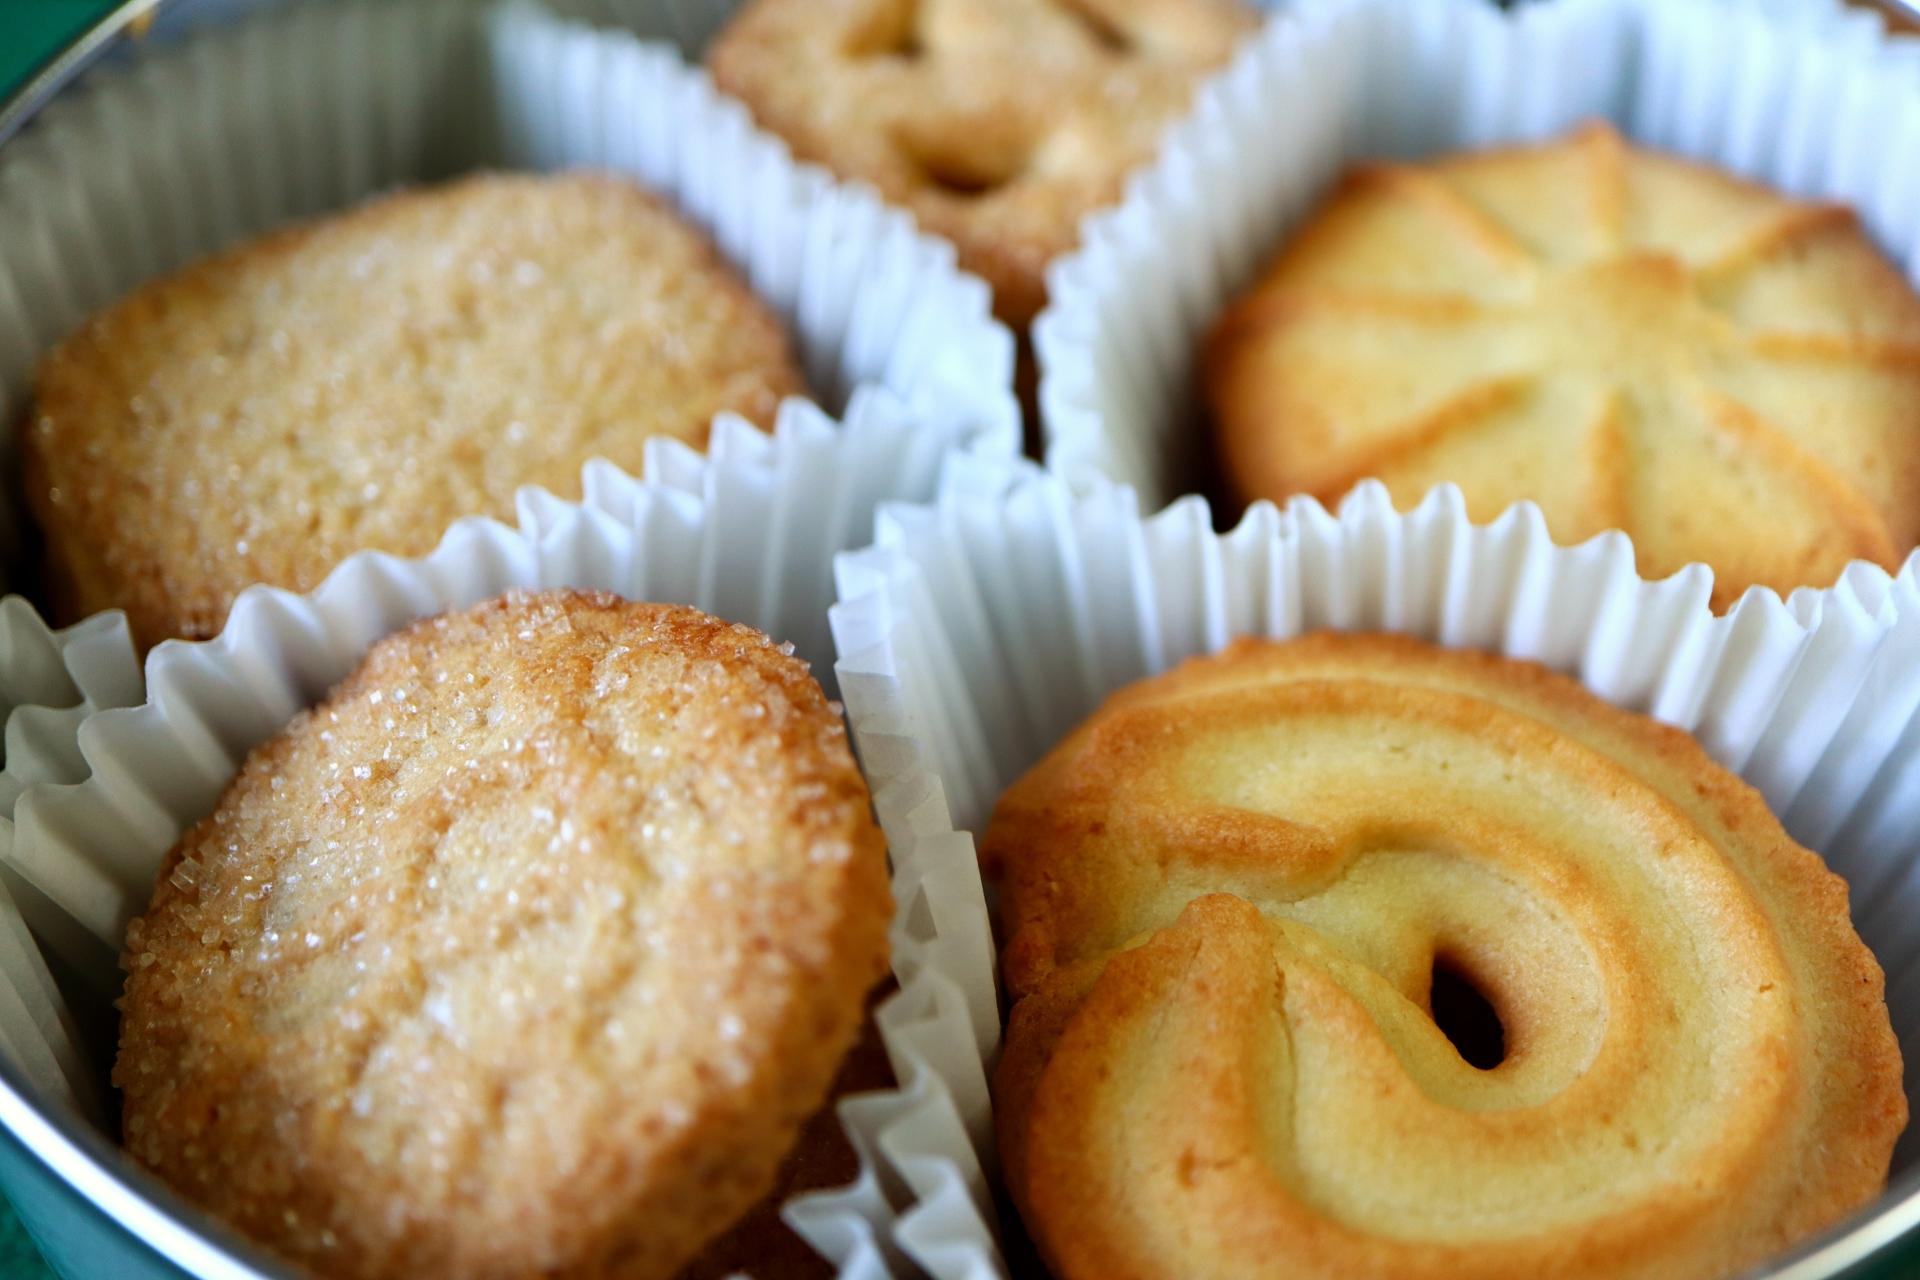 グリコSUNAOクッキーの食レポ記事のアイキャッチ画像